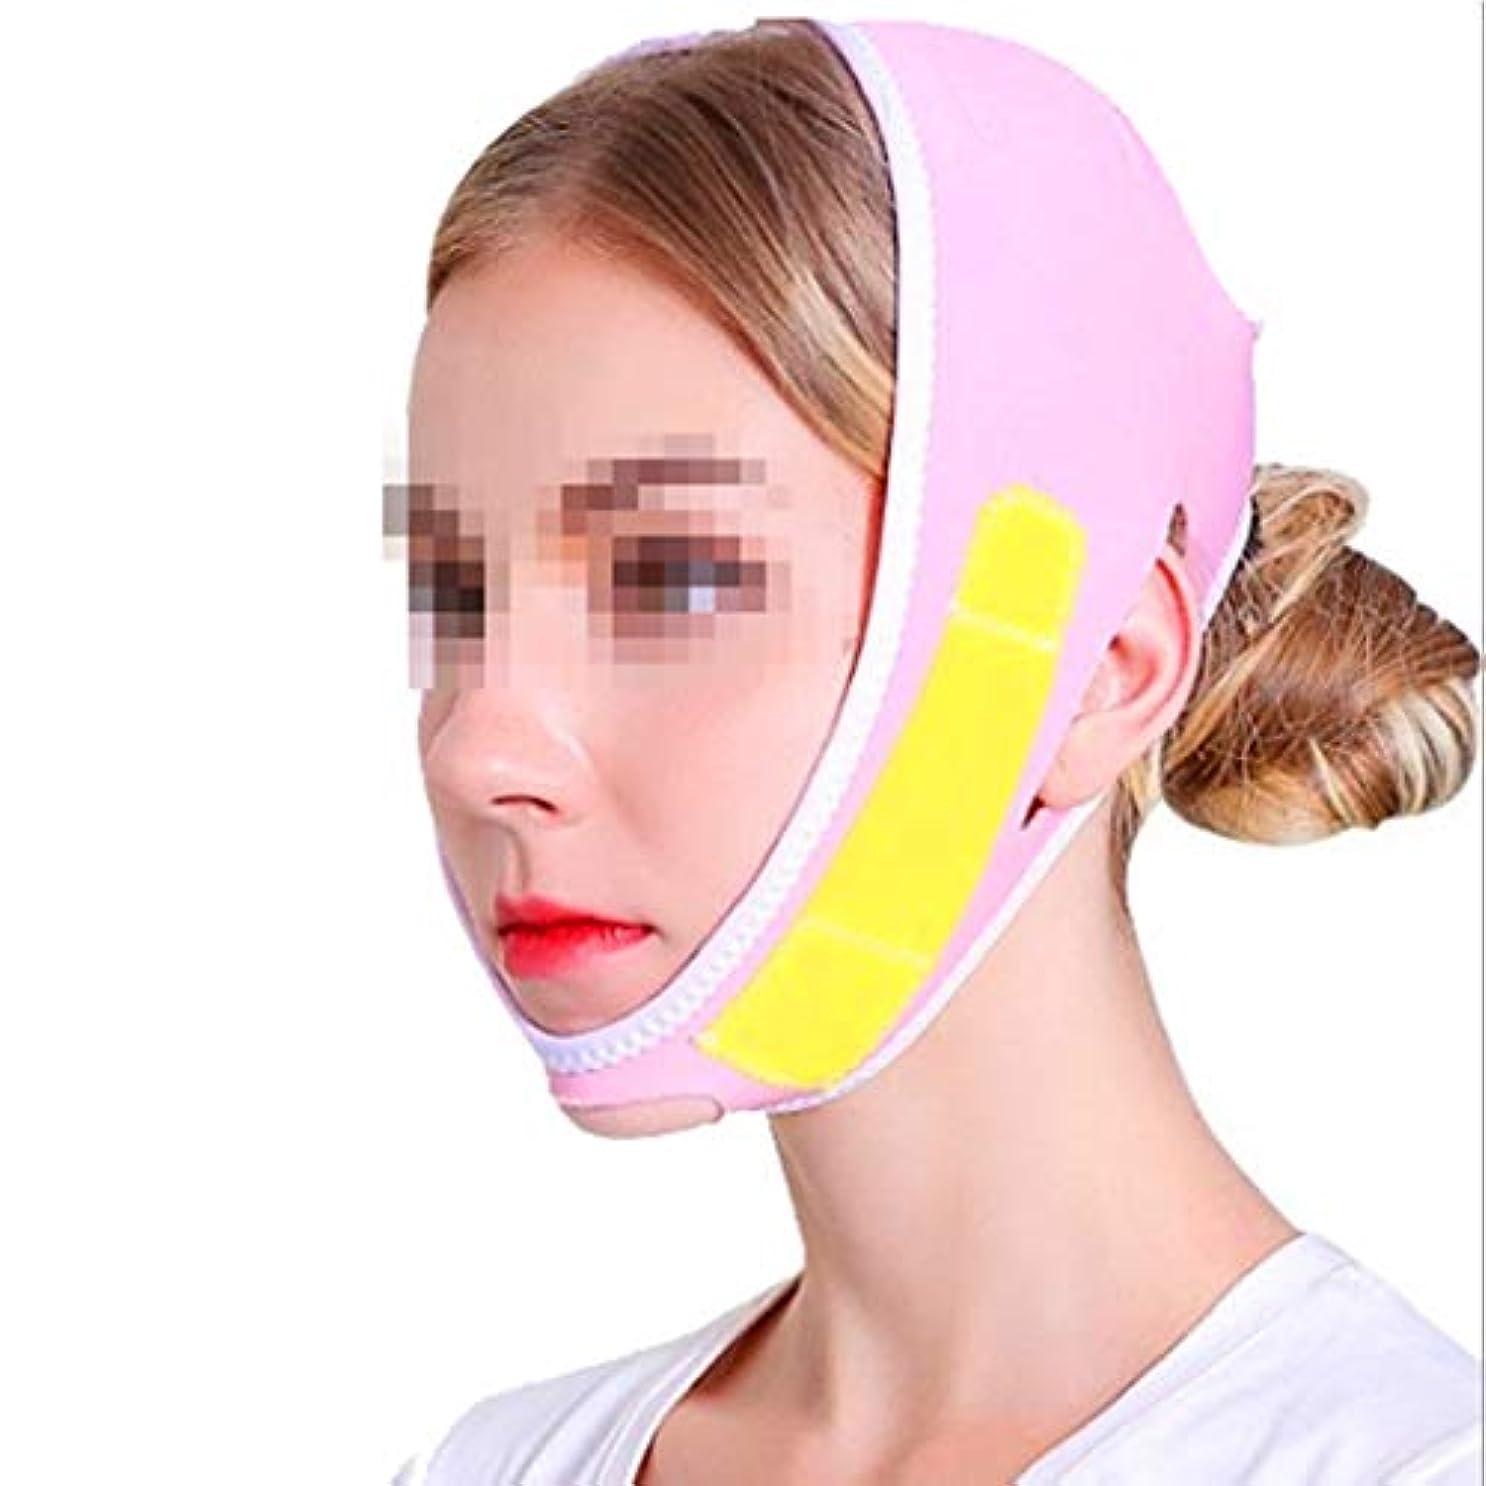 フェイスリフトマスク、Vフェイスフェイシャルリフティングおよび締め付けをローラインマッサージ師ダブルチン美容整形包帯マルチカラーオプション (Color : Pink)